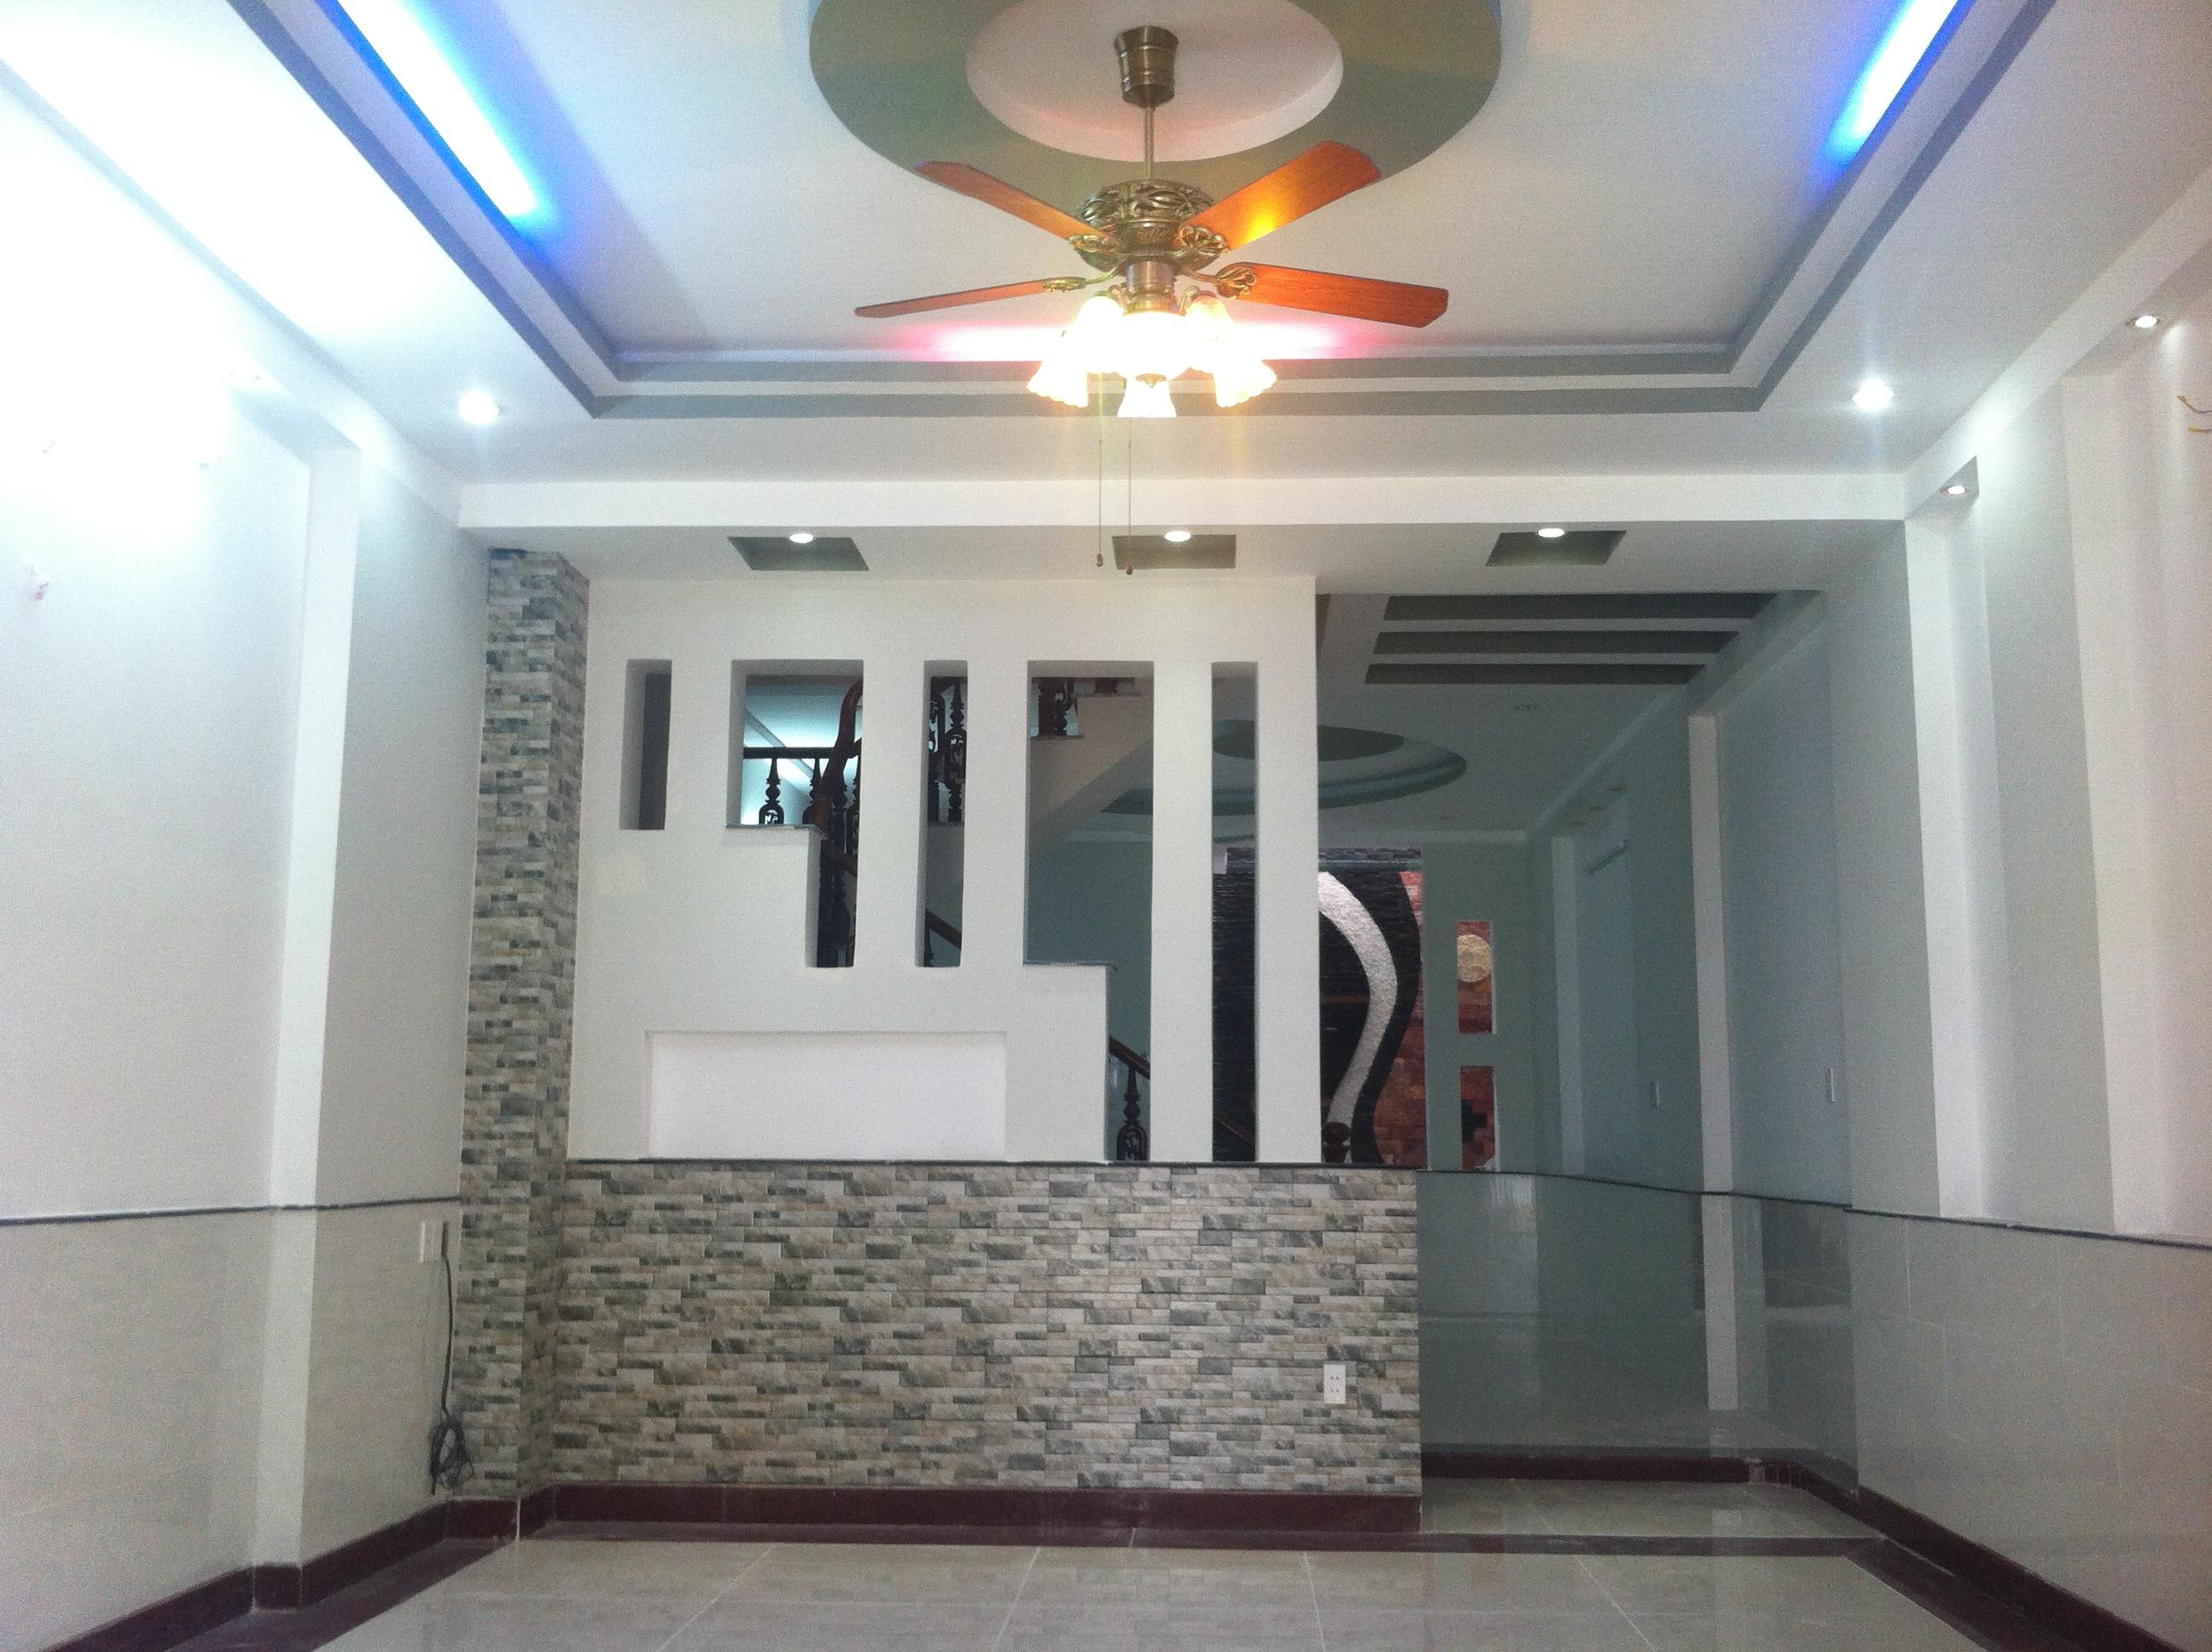 không gian trong nhà ngay trung tâm hành chính, gần công viên nước dĩ an